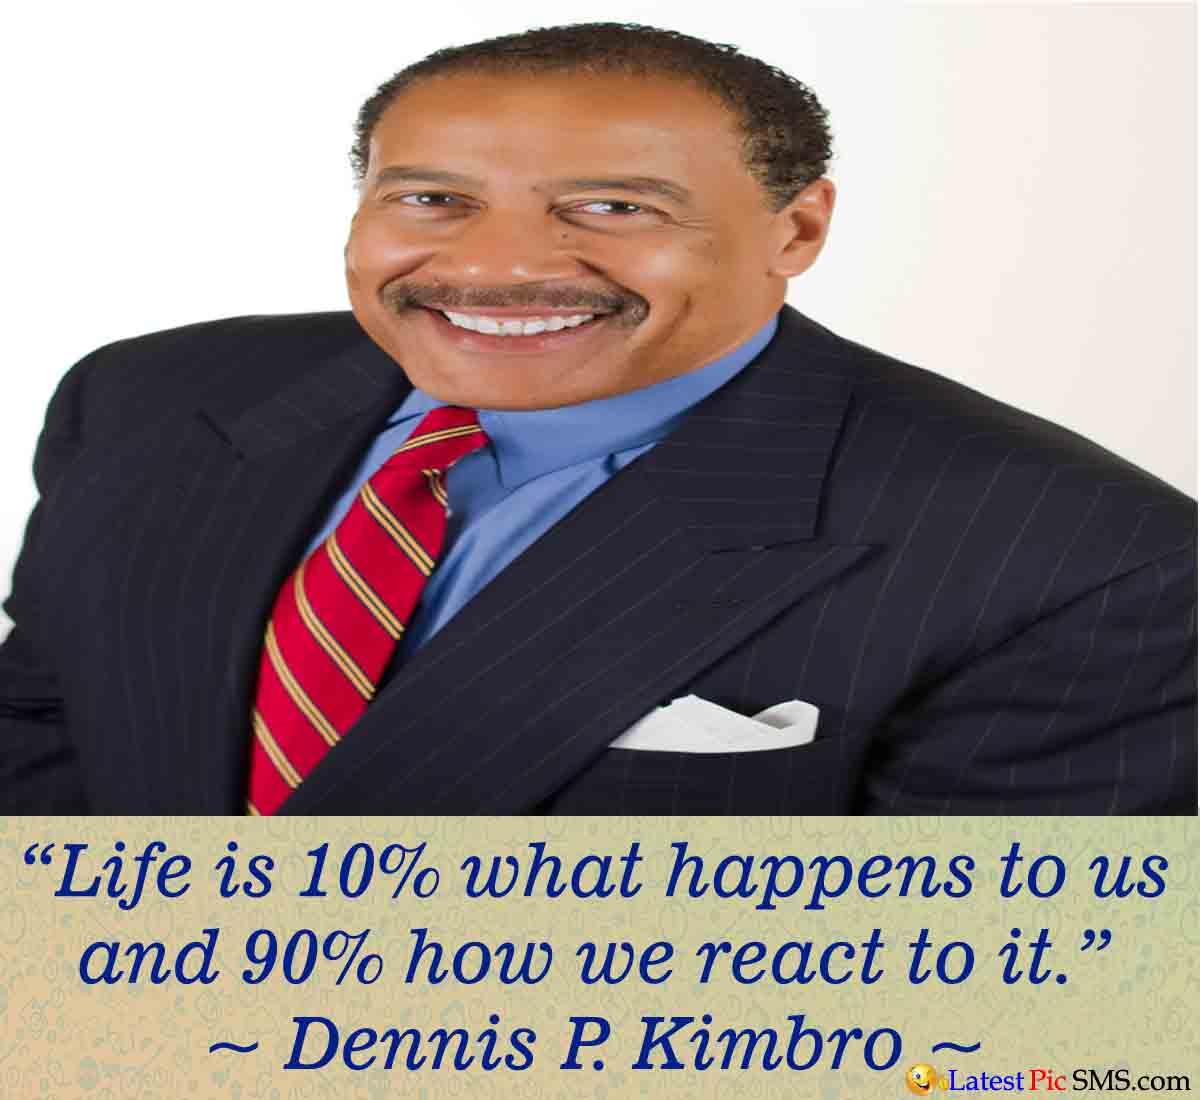 Dennis P. Kimbro Life Thought